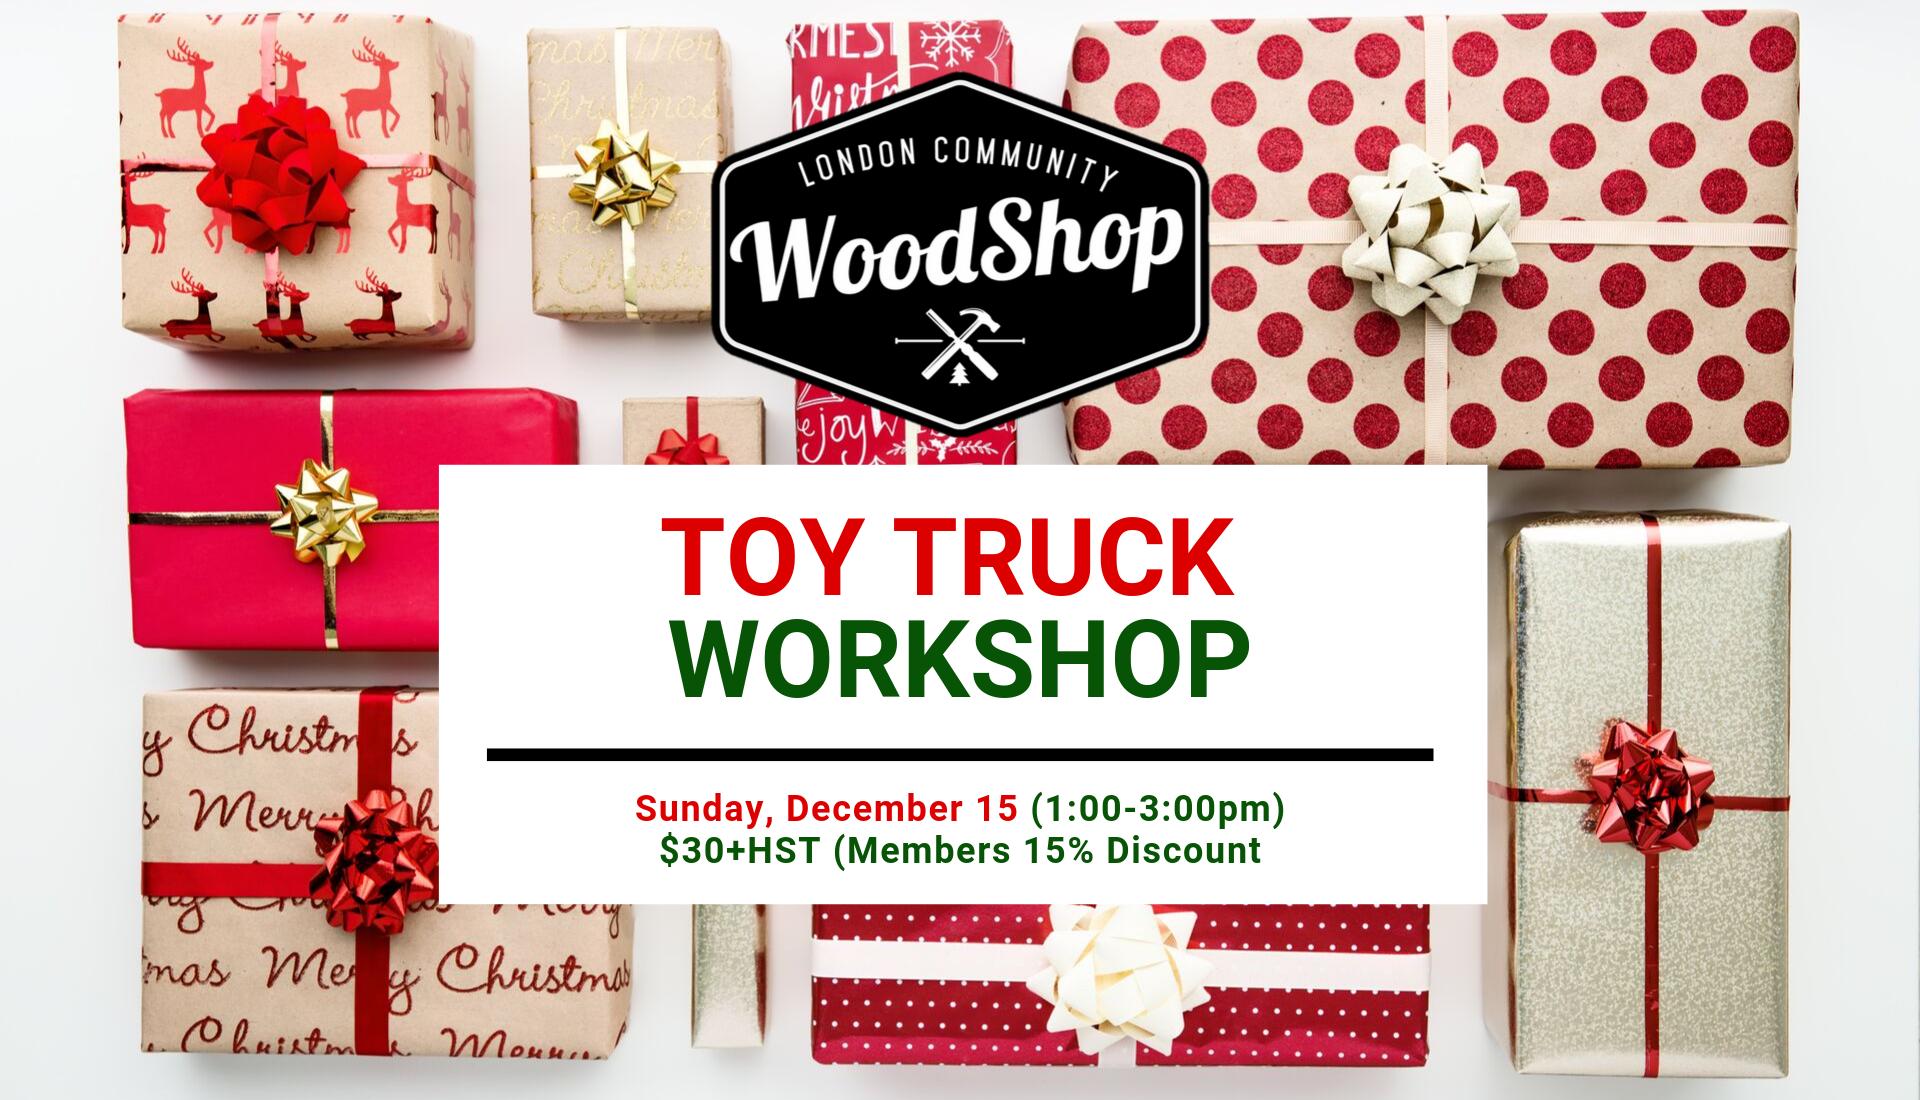 Toy Truck Workshop